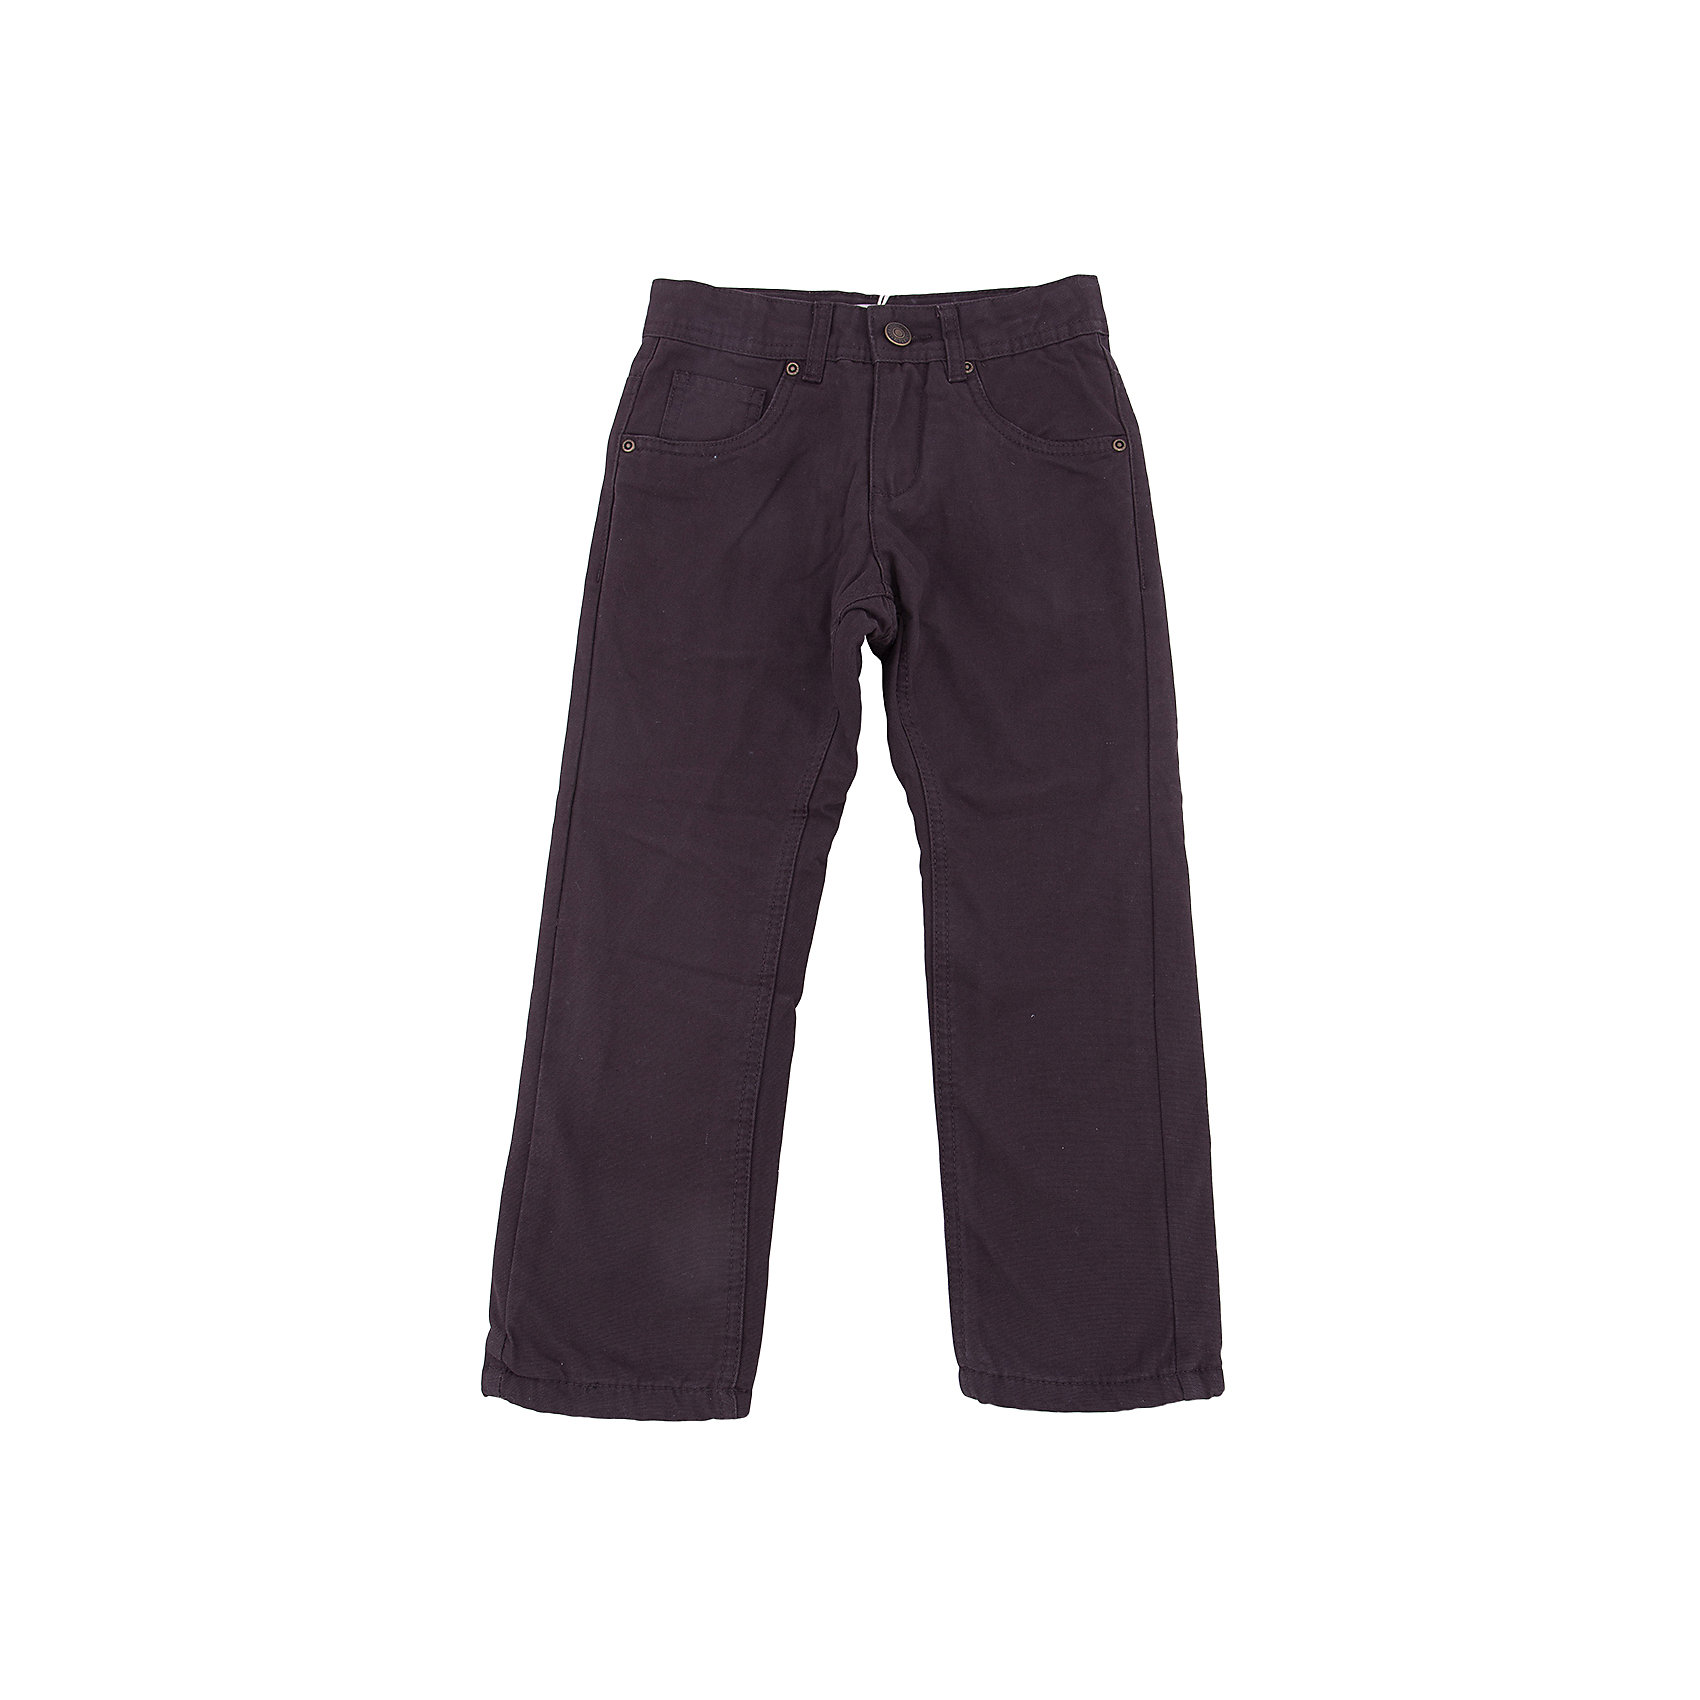 Брюки для мальчика SELAУниверсальные брюки - незаменимая вещь в детском гардеробе. Эта модель отлично сидит на ребенке, она сшита из плотного материала, натуральный хлопок не вызывает аллергии и обеспечивает ребенку комфорт. Модель станет отличной базовой вещью, которая будет уместна в различных сочетаниях.<br>Одежда от бренда Sela (Села) - это качество по приемлемым ценам. Многие российские родители уже оценили преимущества продукции этой компании и всё чаще приобретают одежду и аксессуары Sela.<br><br>Дополнительная информация:<br><br>прямой силуэт;<br>материал: 98% хлопок, 2% эластан;<br>плотный материал.<br><br>Брюки для мальчика от бренда Sela можно купить в нашем интернет-магазине.<br><br>Ширина мм: 215<br>Глубина мм: 88<br>Высота мм: 191<br>Вес г: 336<br>Цвет: черный<br>Возраст от месяцев: 132<br>Возраст до месяцев: 144<br>Пол: Мужской<br>Возраст: Детский<br>Размер: 116,122,134,140,146,152,128<br>SKU: 5020217